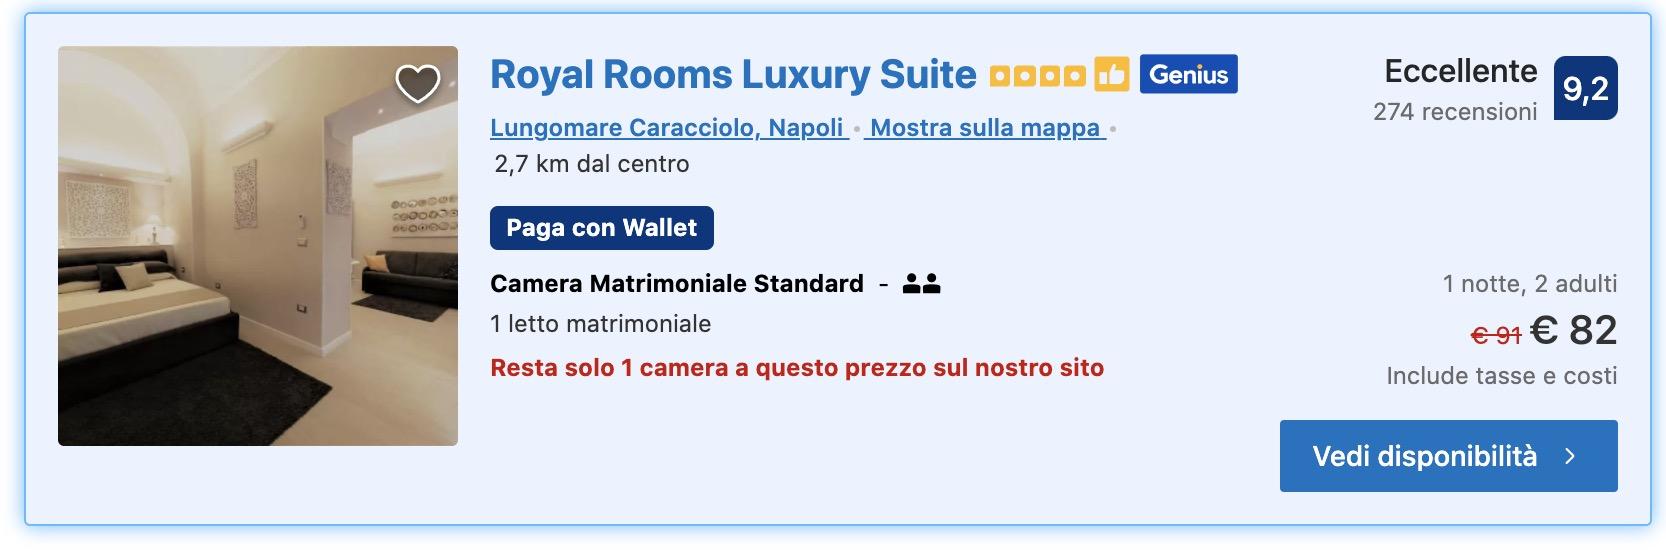 dormire a Napoli luxury suite